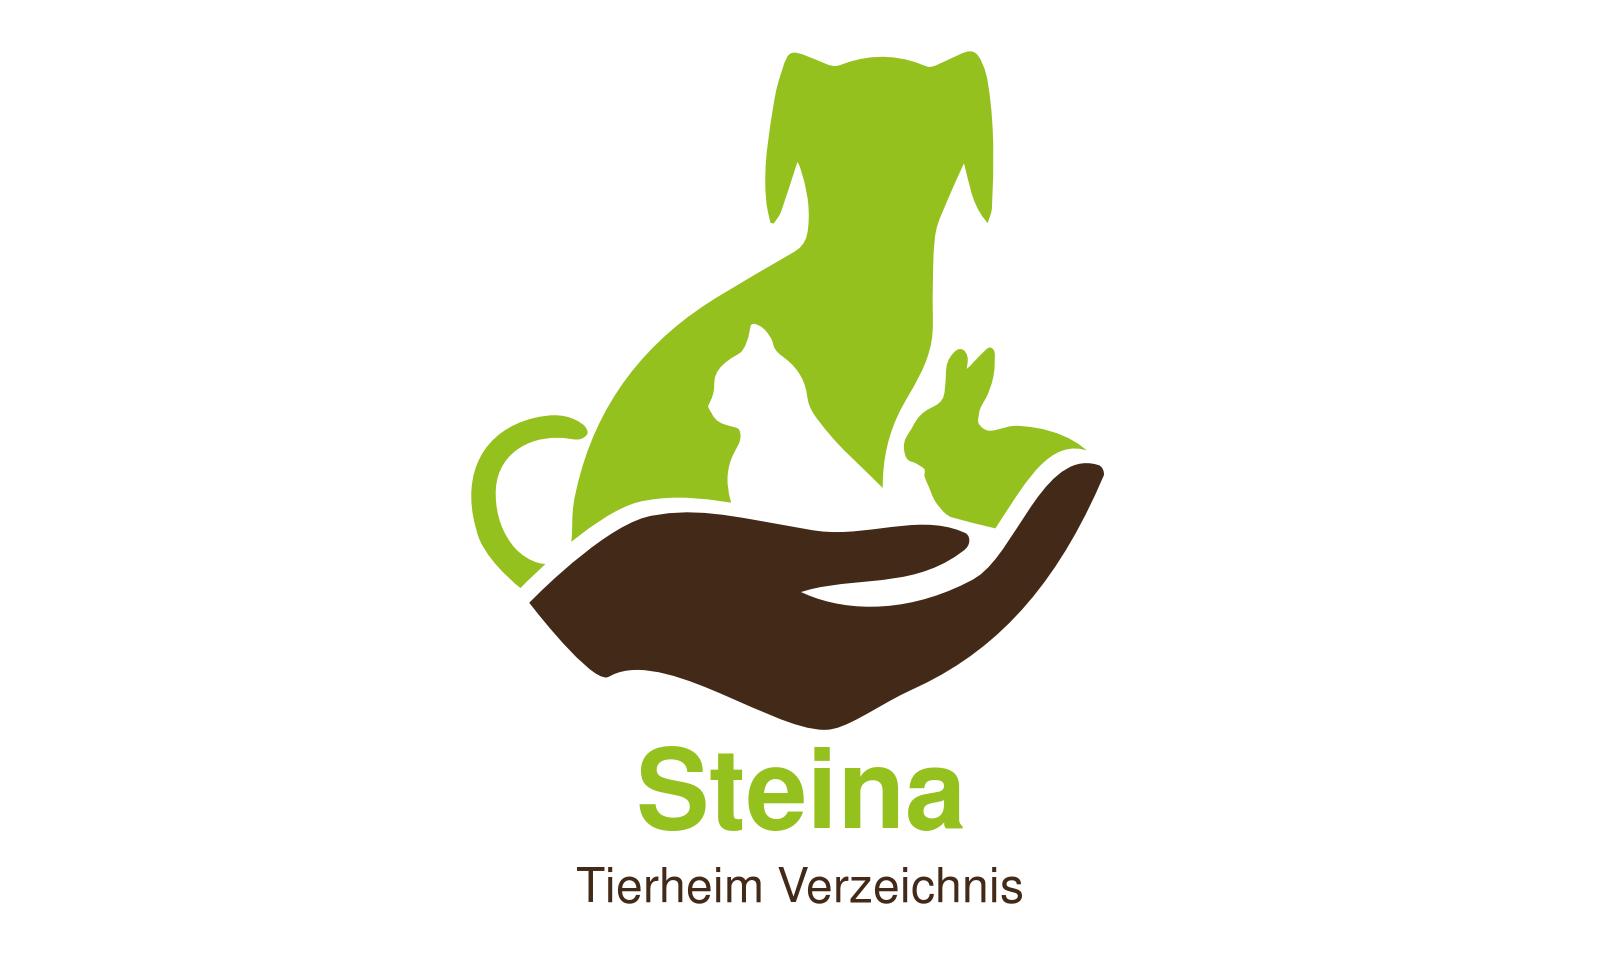 Tierheim Steina